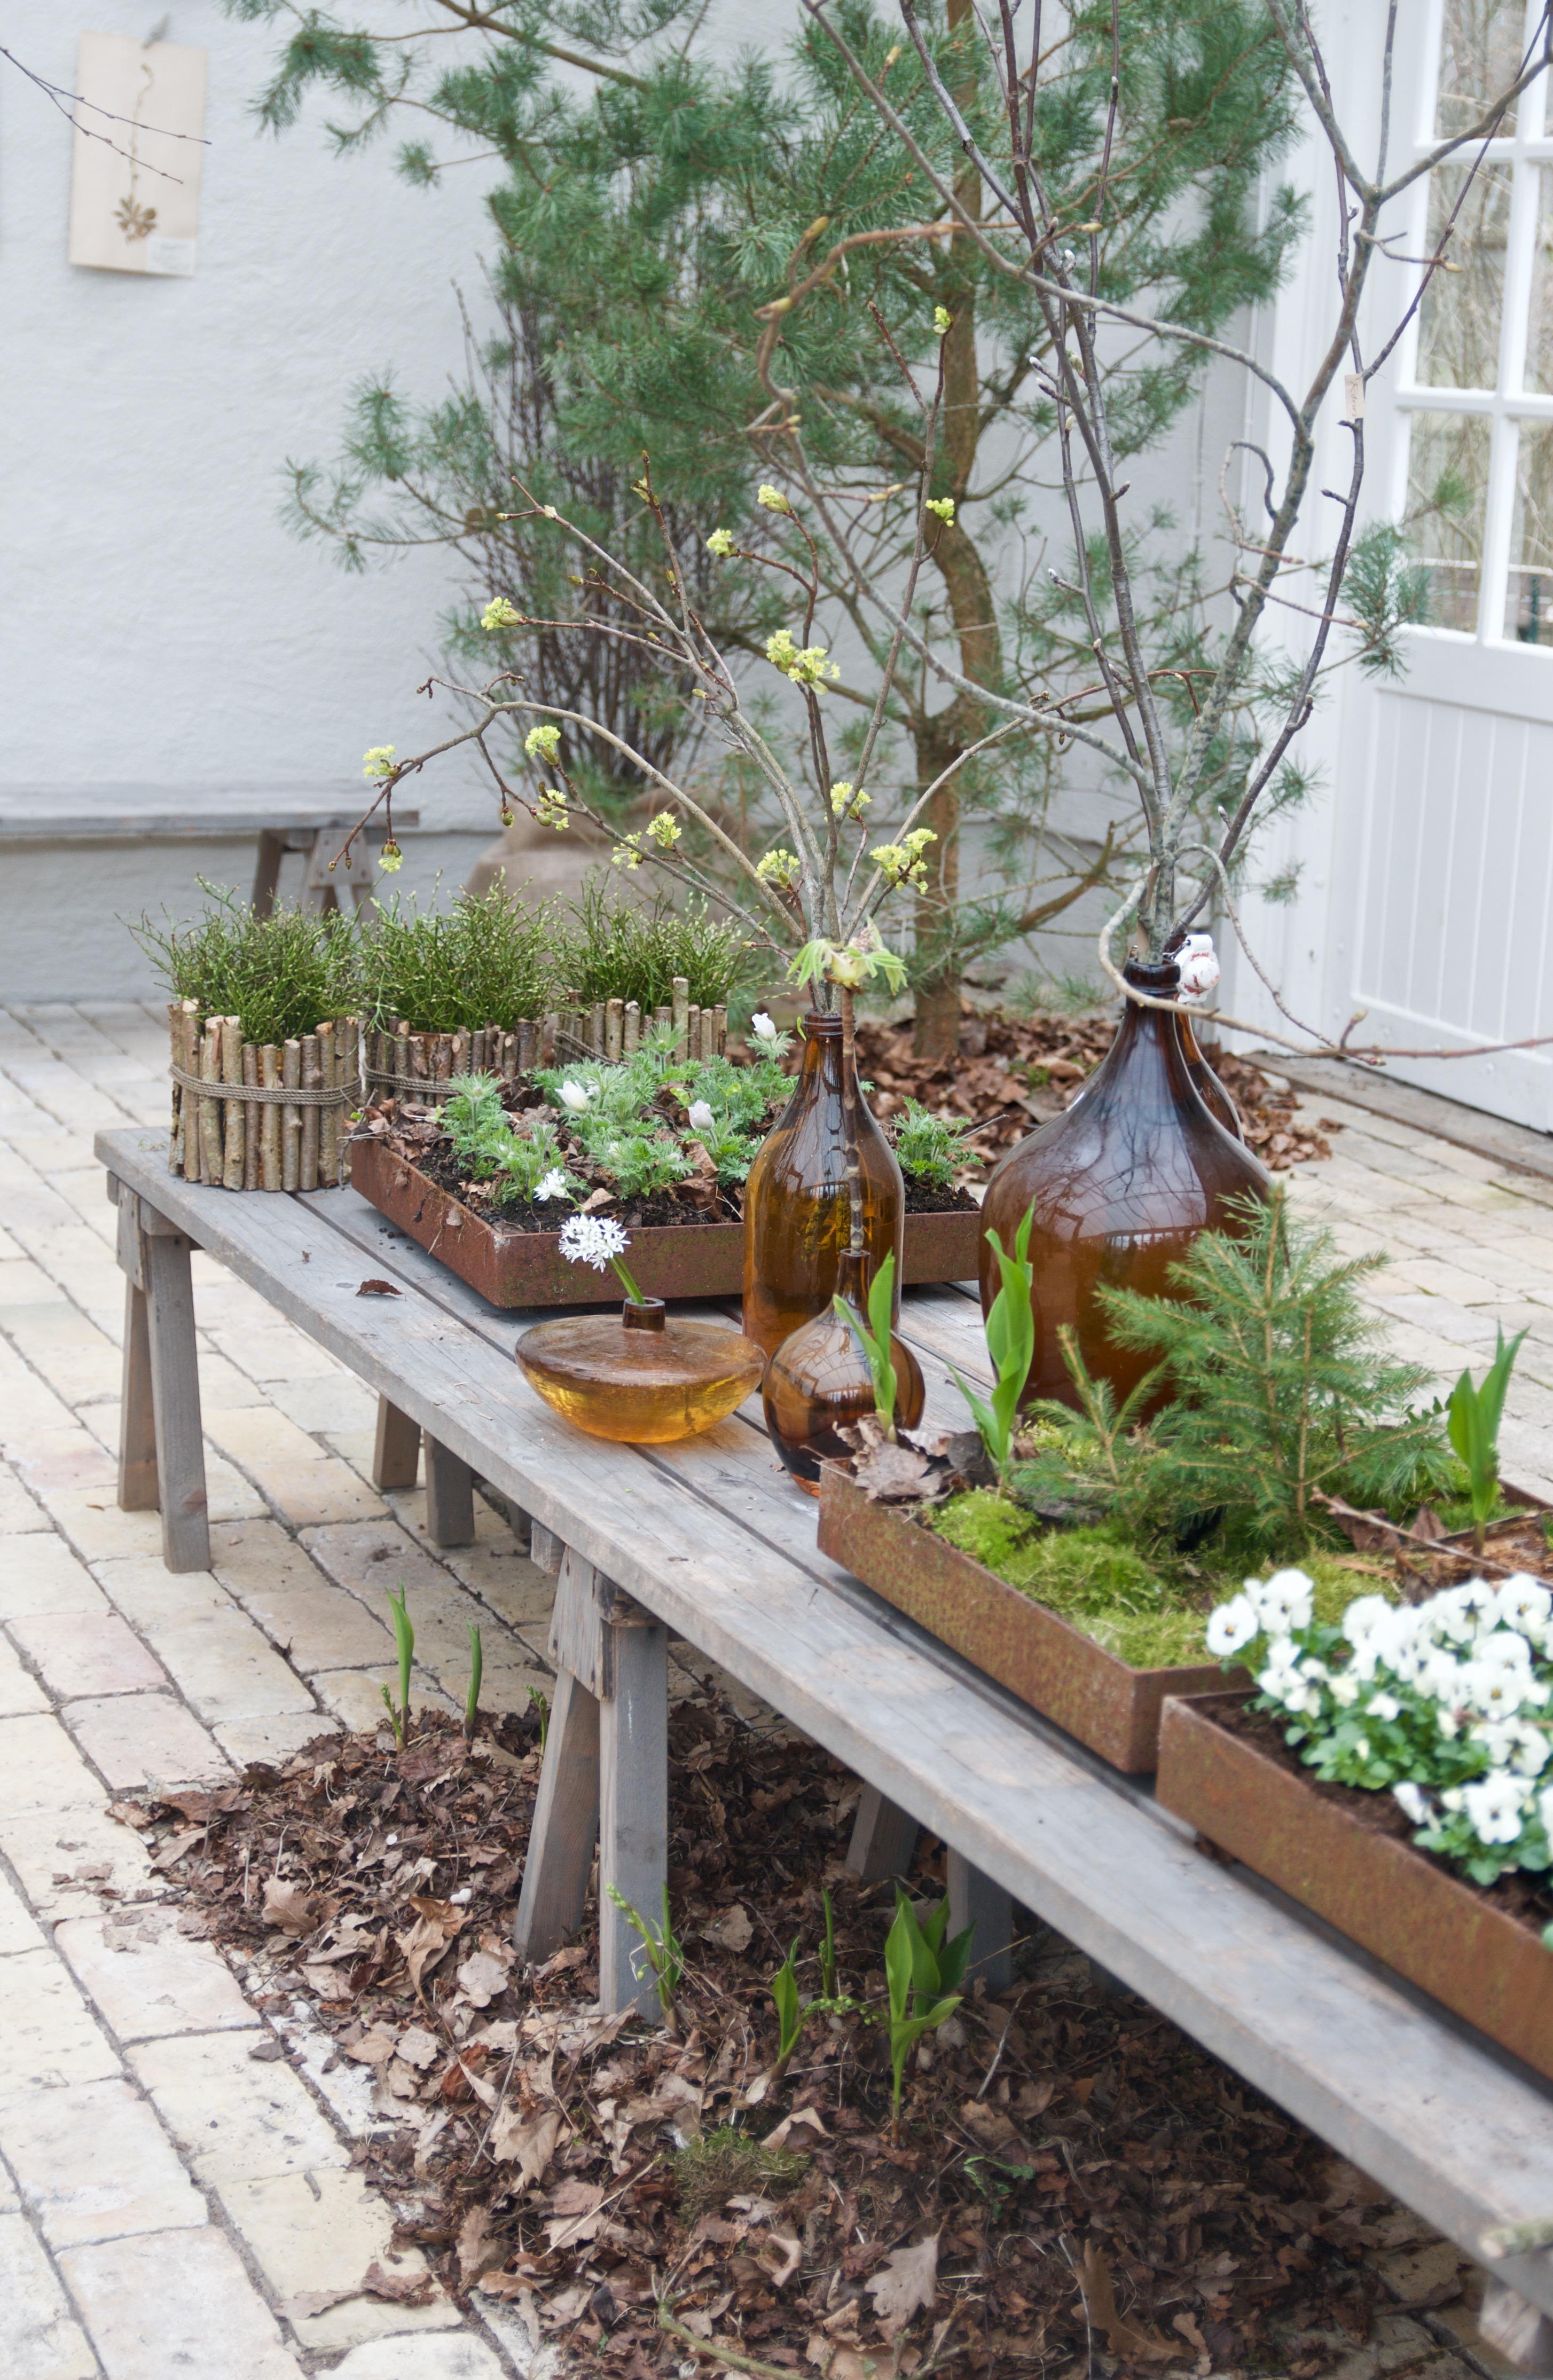 """Kvistar och knoppar"""" och vår i min trädgård!   arkitektens trädgård"""